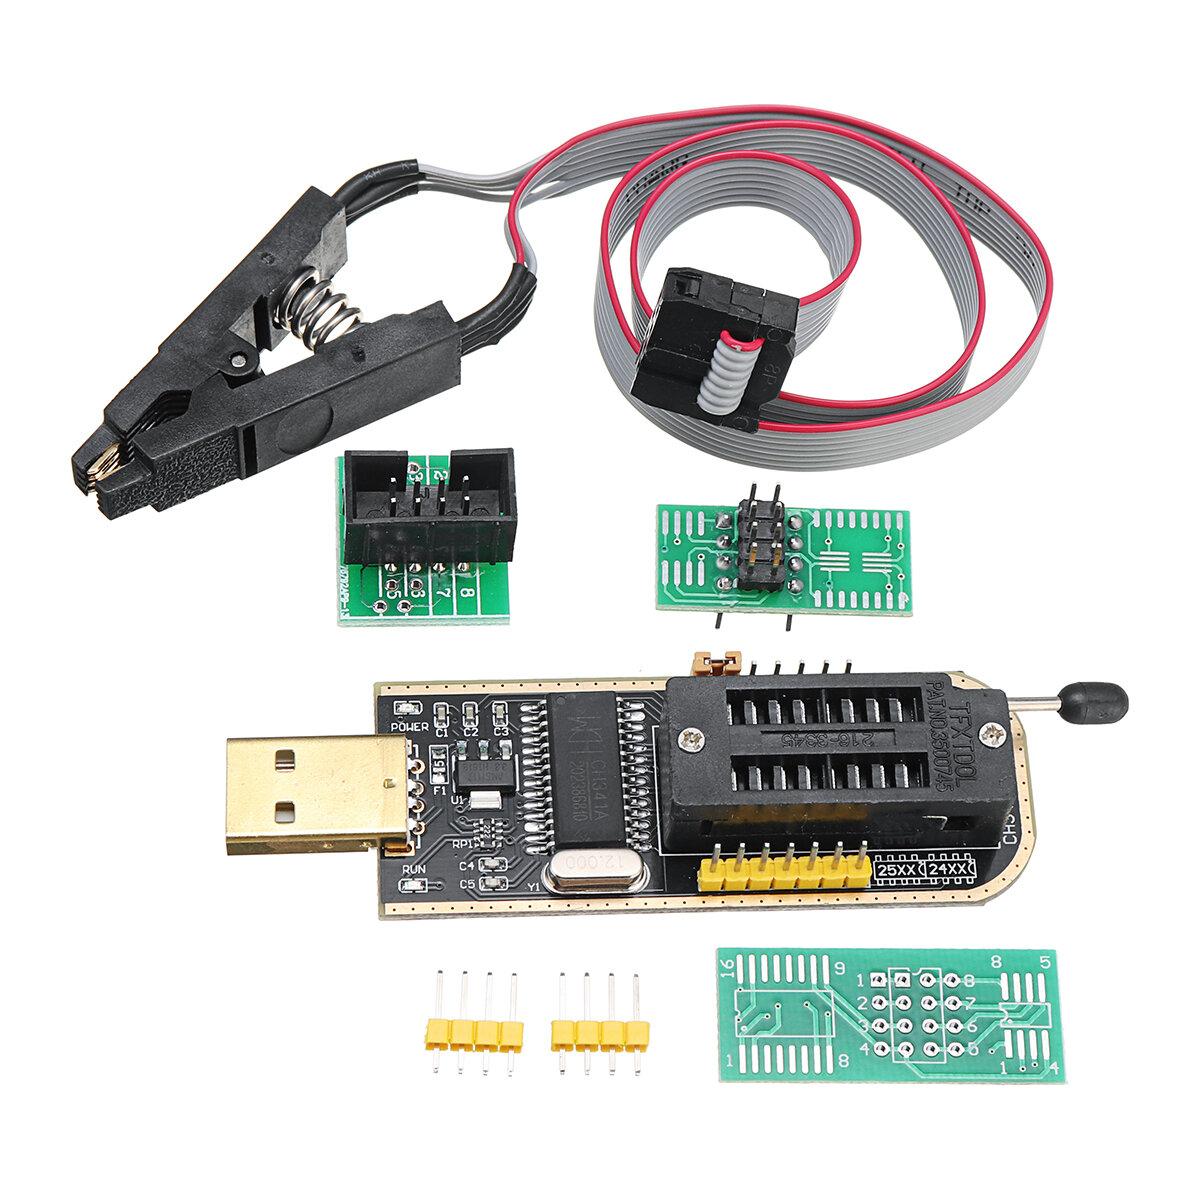 CH341A 24 25 Serisi EEPROM Flash BIOS USB Programcı + SOIC8 SOP8 Klip Adaptör Modülü